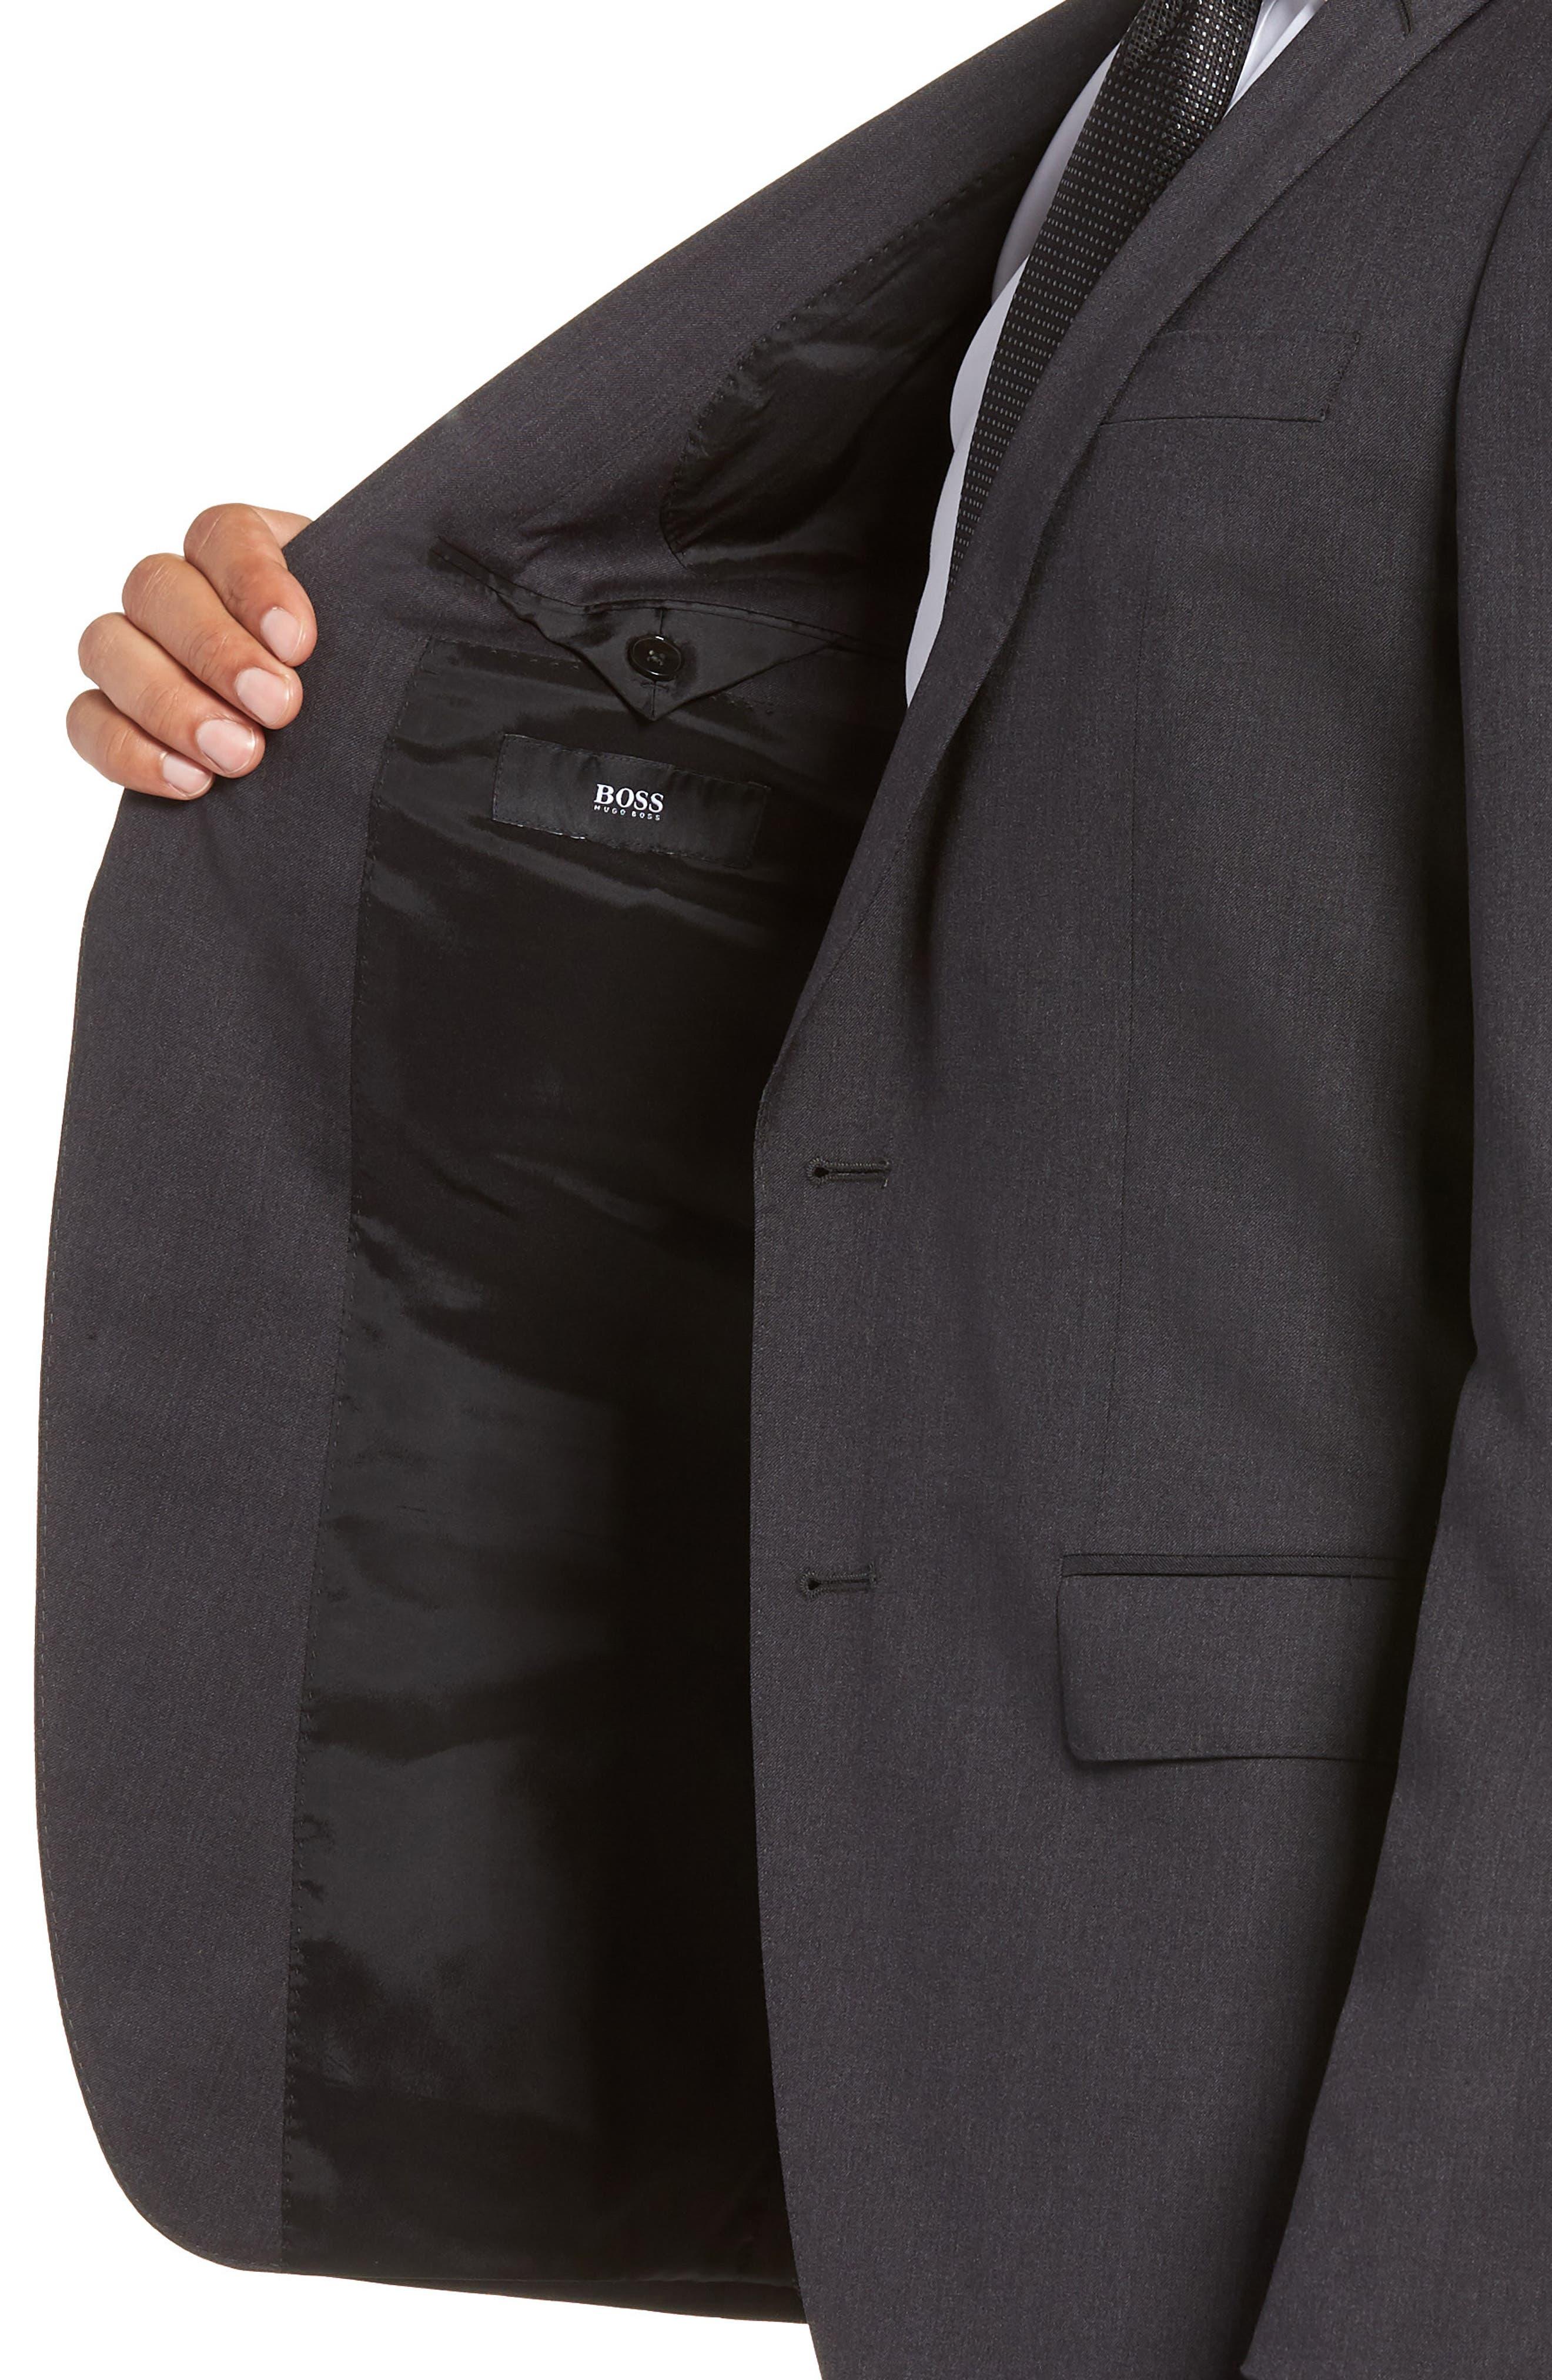 Huge/Genius Trim Fit Solid Wool Suit,                             Alternate thumbnail 4, color,                             DARK GREY